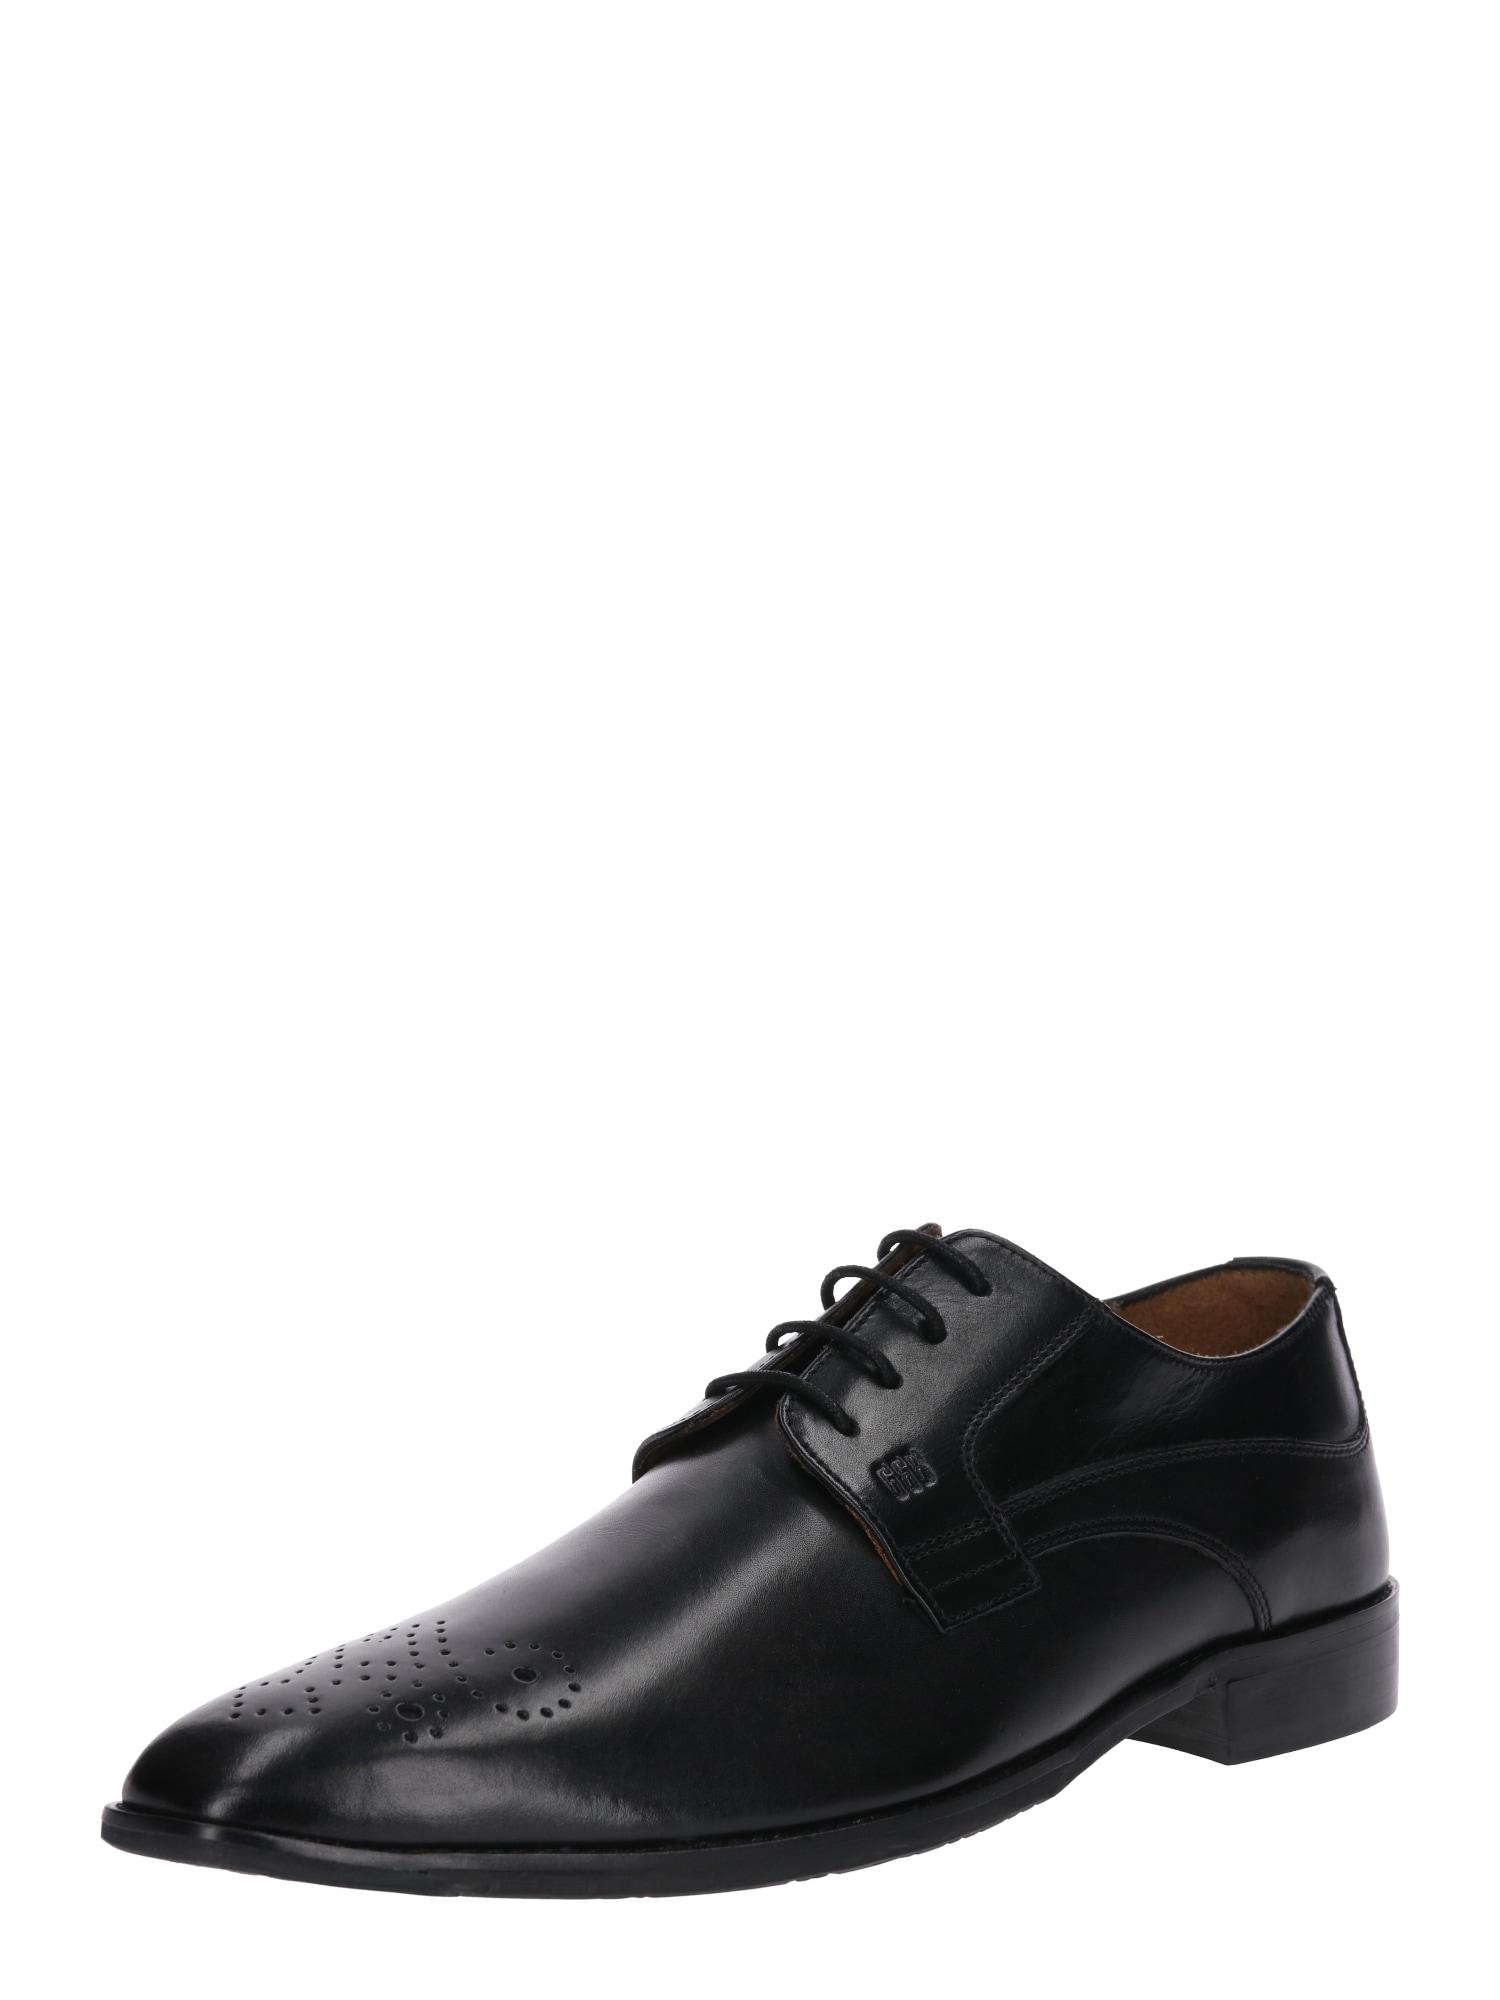 Šněrovací boty Lorenzo černá Gordon & Bros